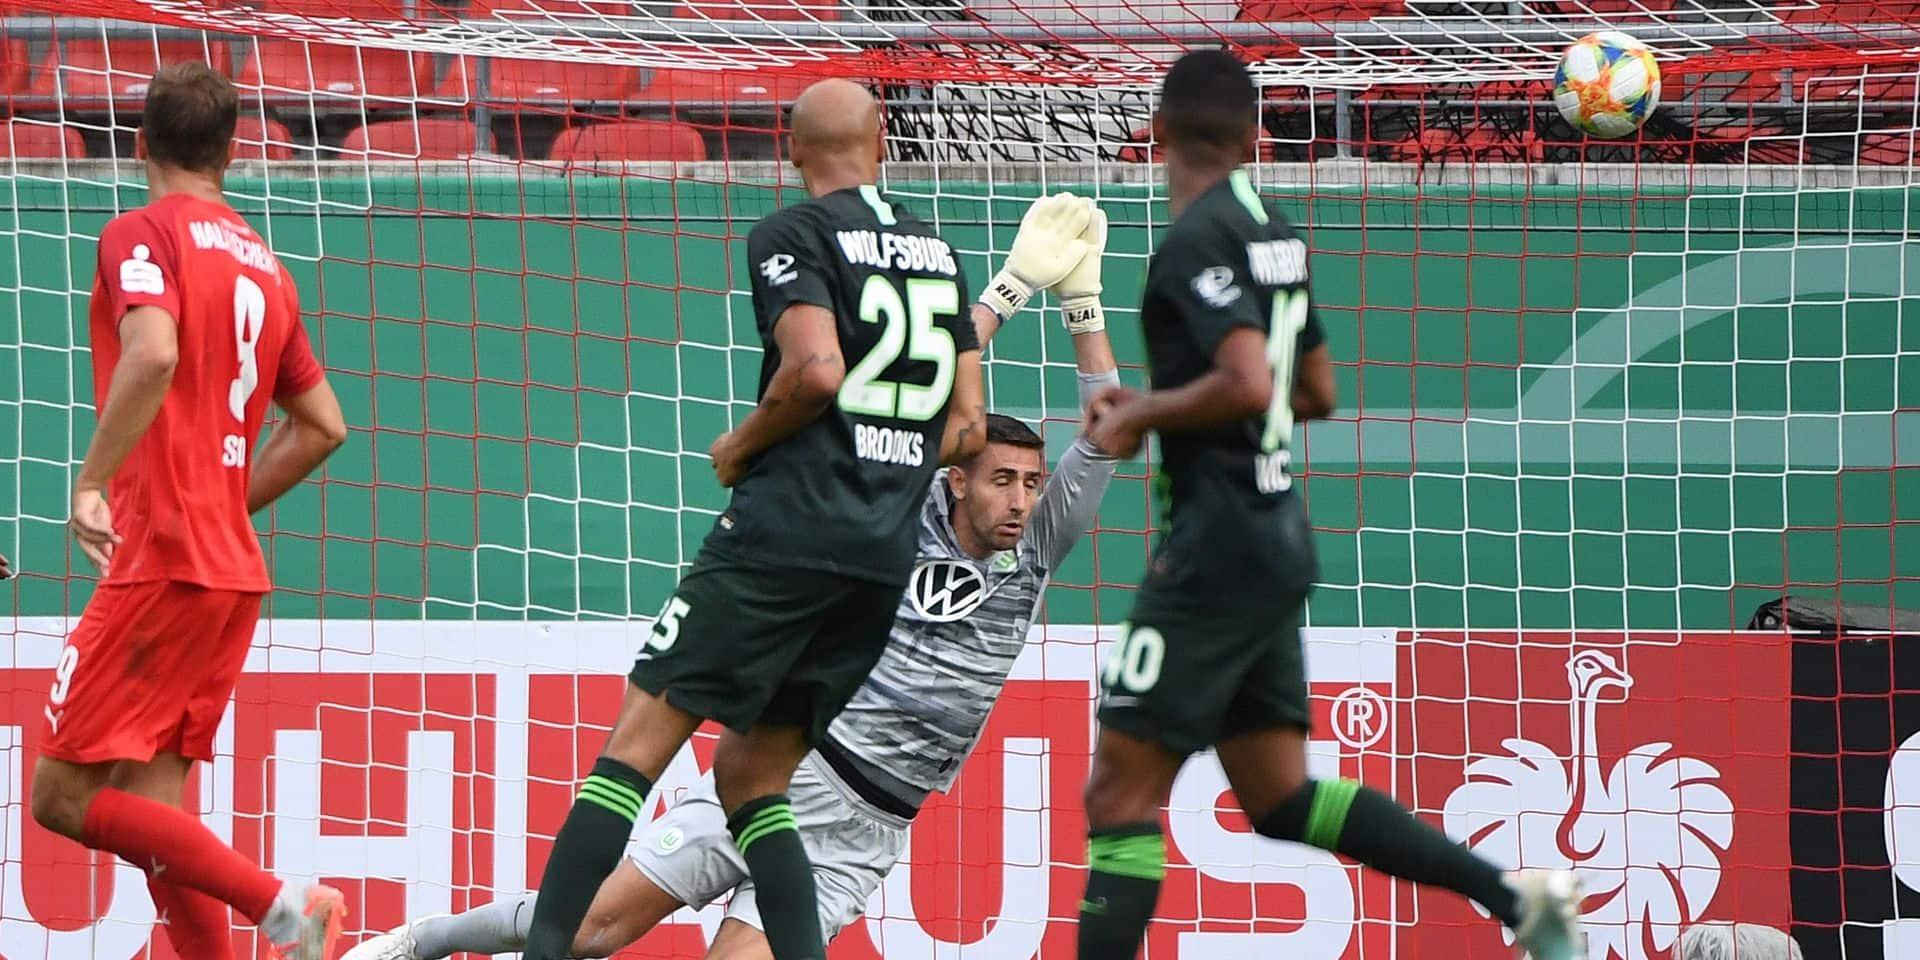 Les Belges à l'étranger: Koen Casteels et Wolfsburg qualifiés après prolongations en Coupe d'Allemagne